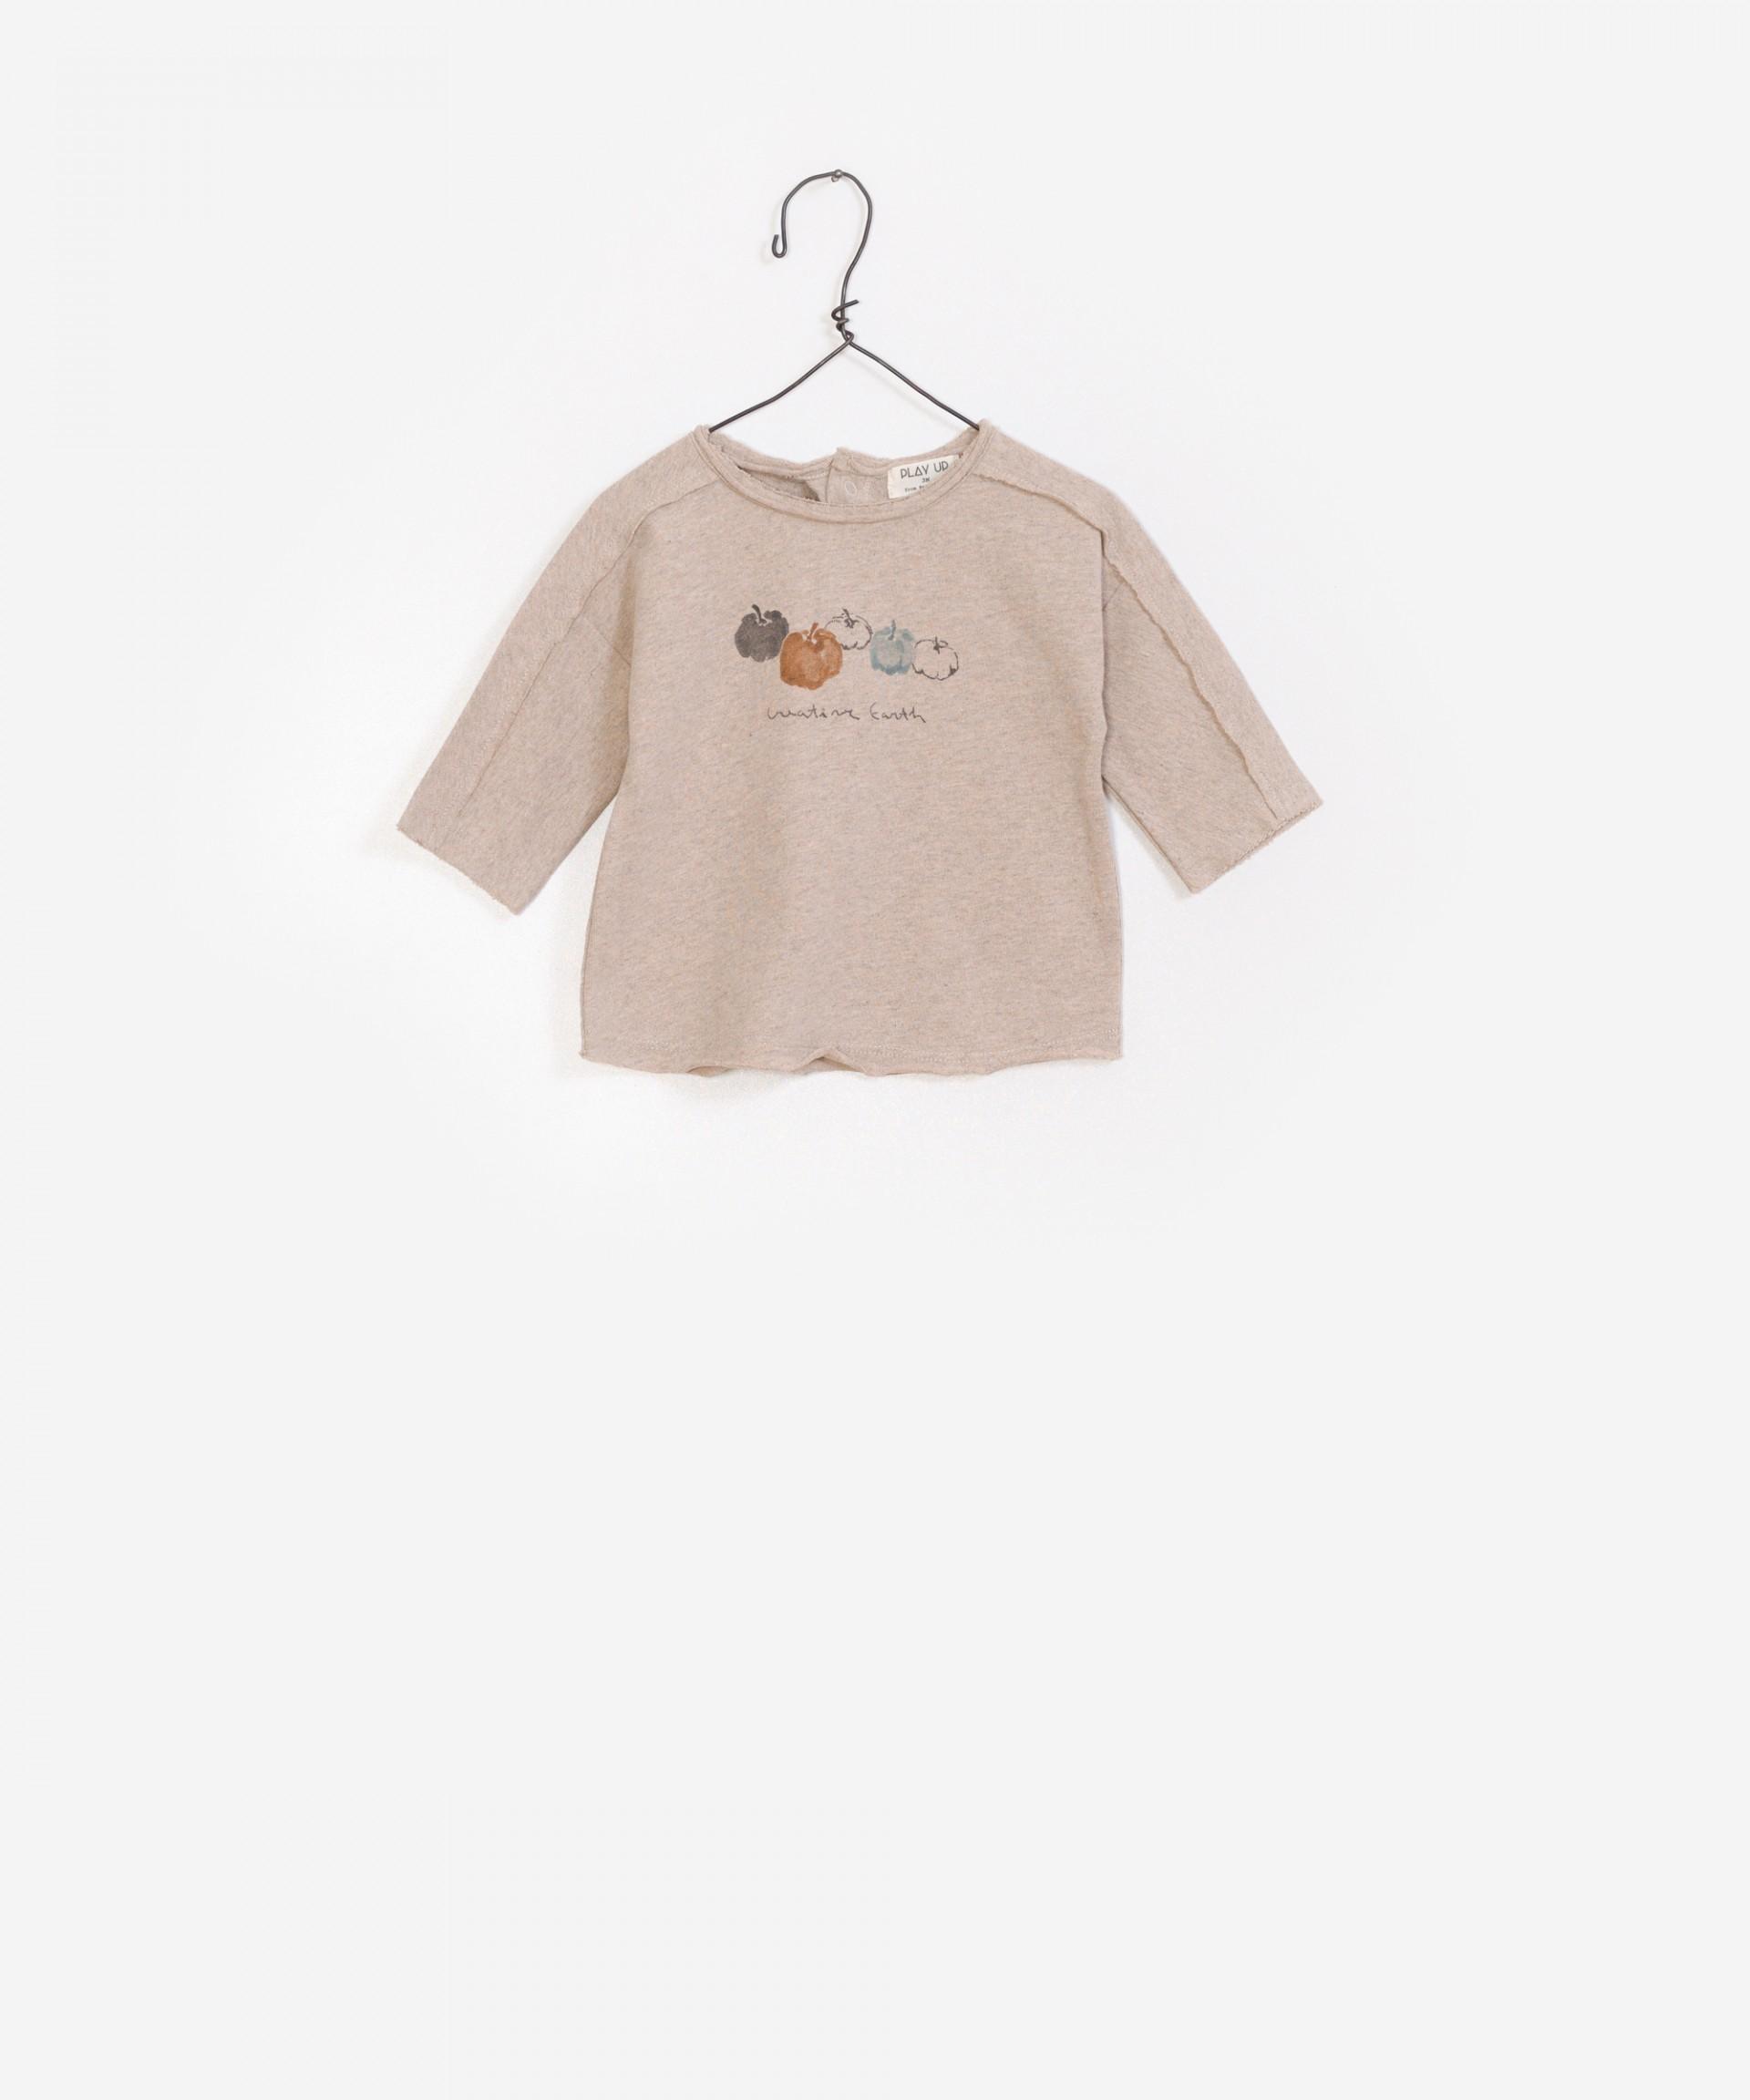 Camiseta de punto con materia prima reciclada